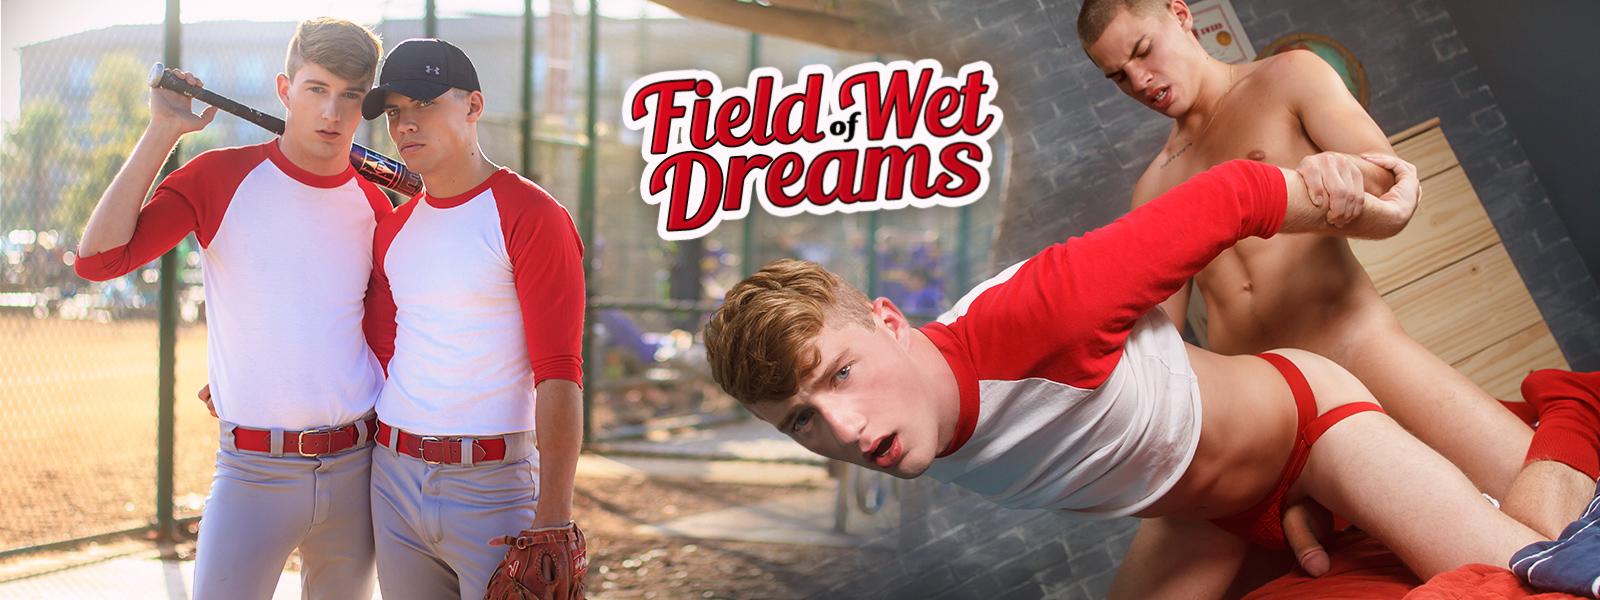 Field of Wet Dreams